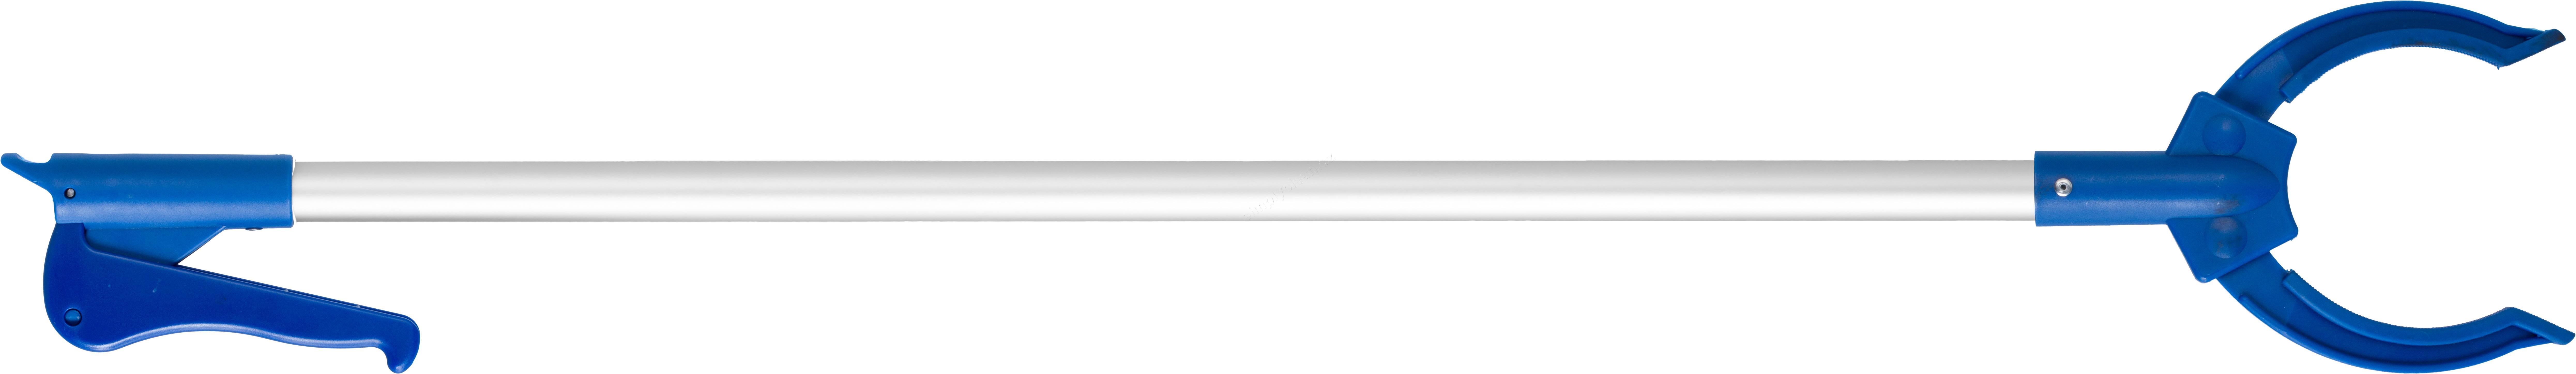 LEWI Gripper kleště - sběrač odpadků plast  150cm, 12504